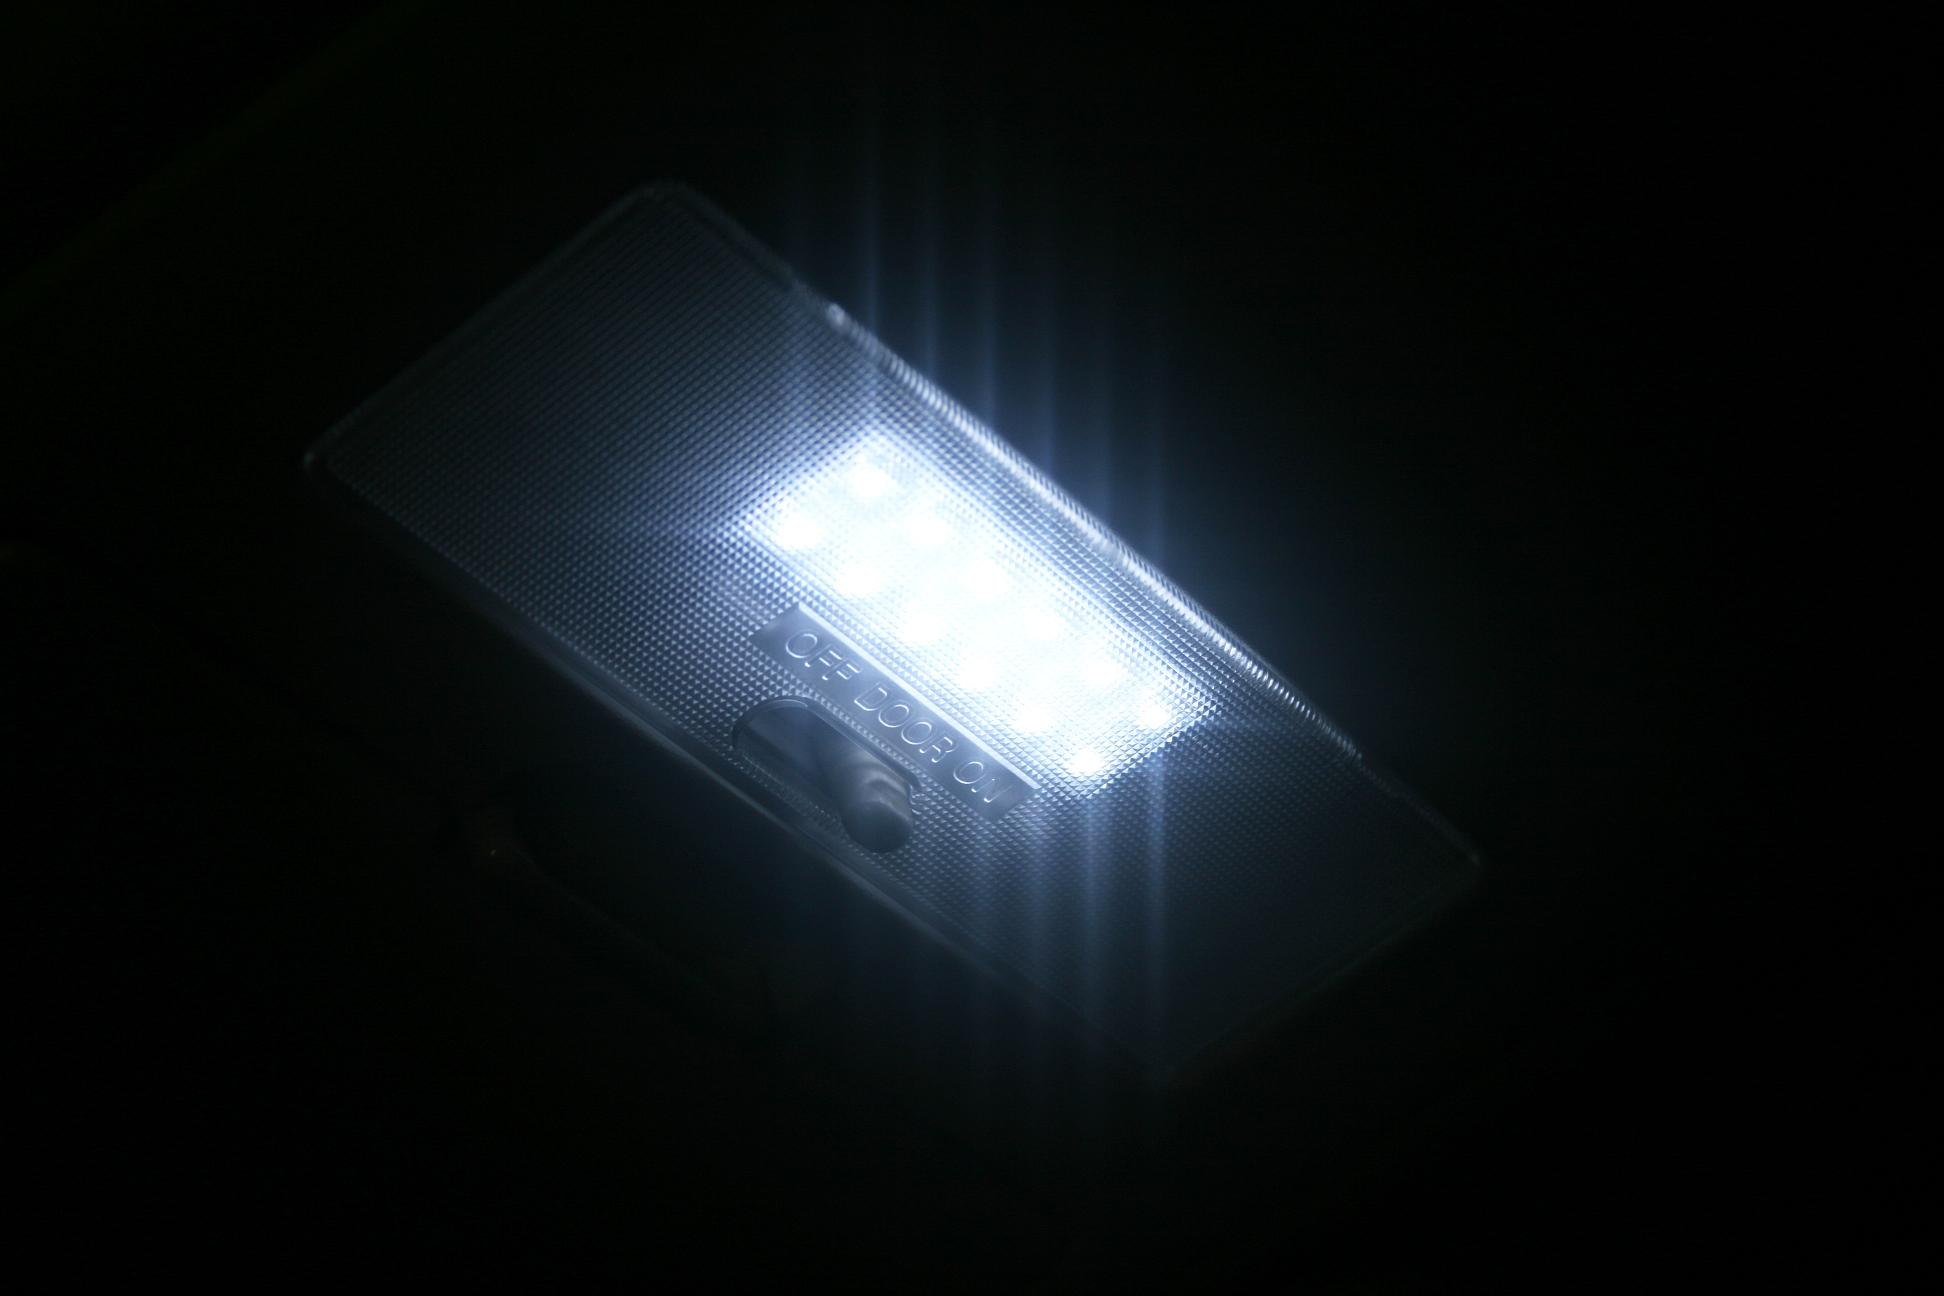 【SUZUKI】【ラパン】 HE21S LEDルームランプ(白色) 12発【メール便可】